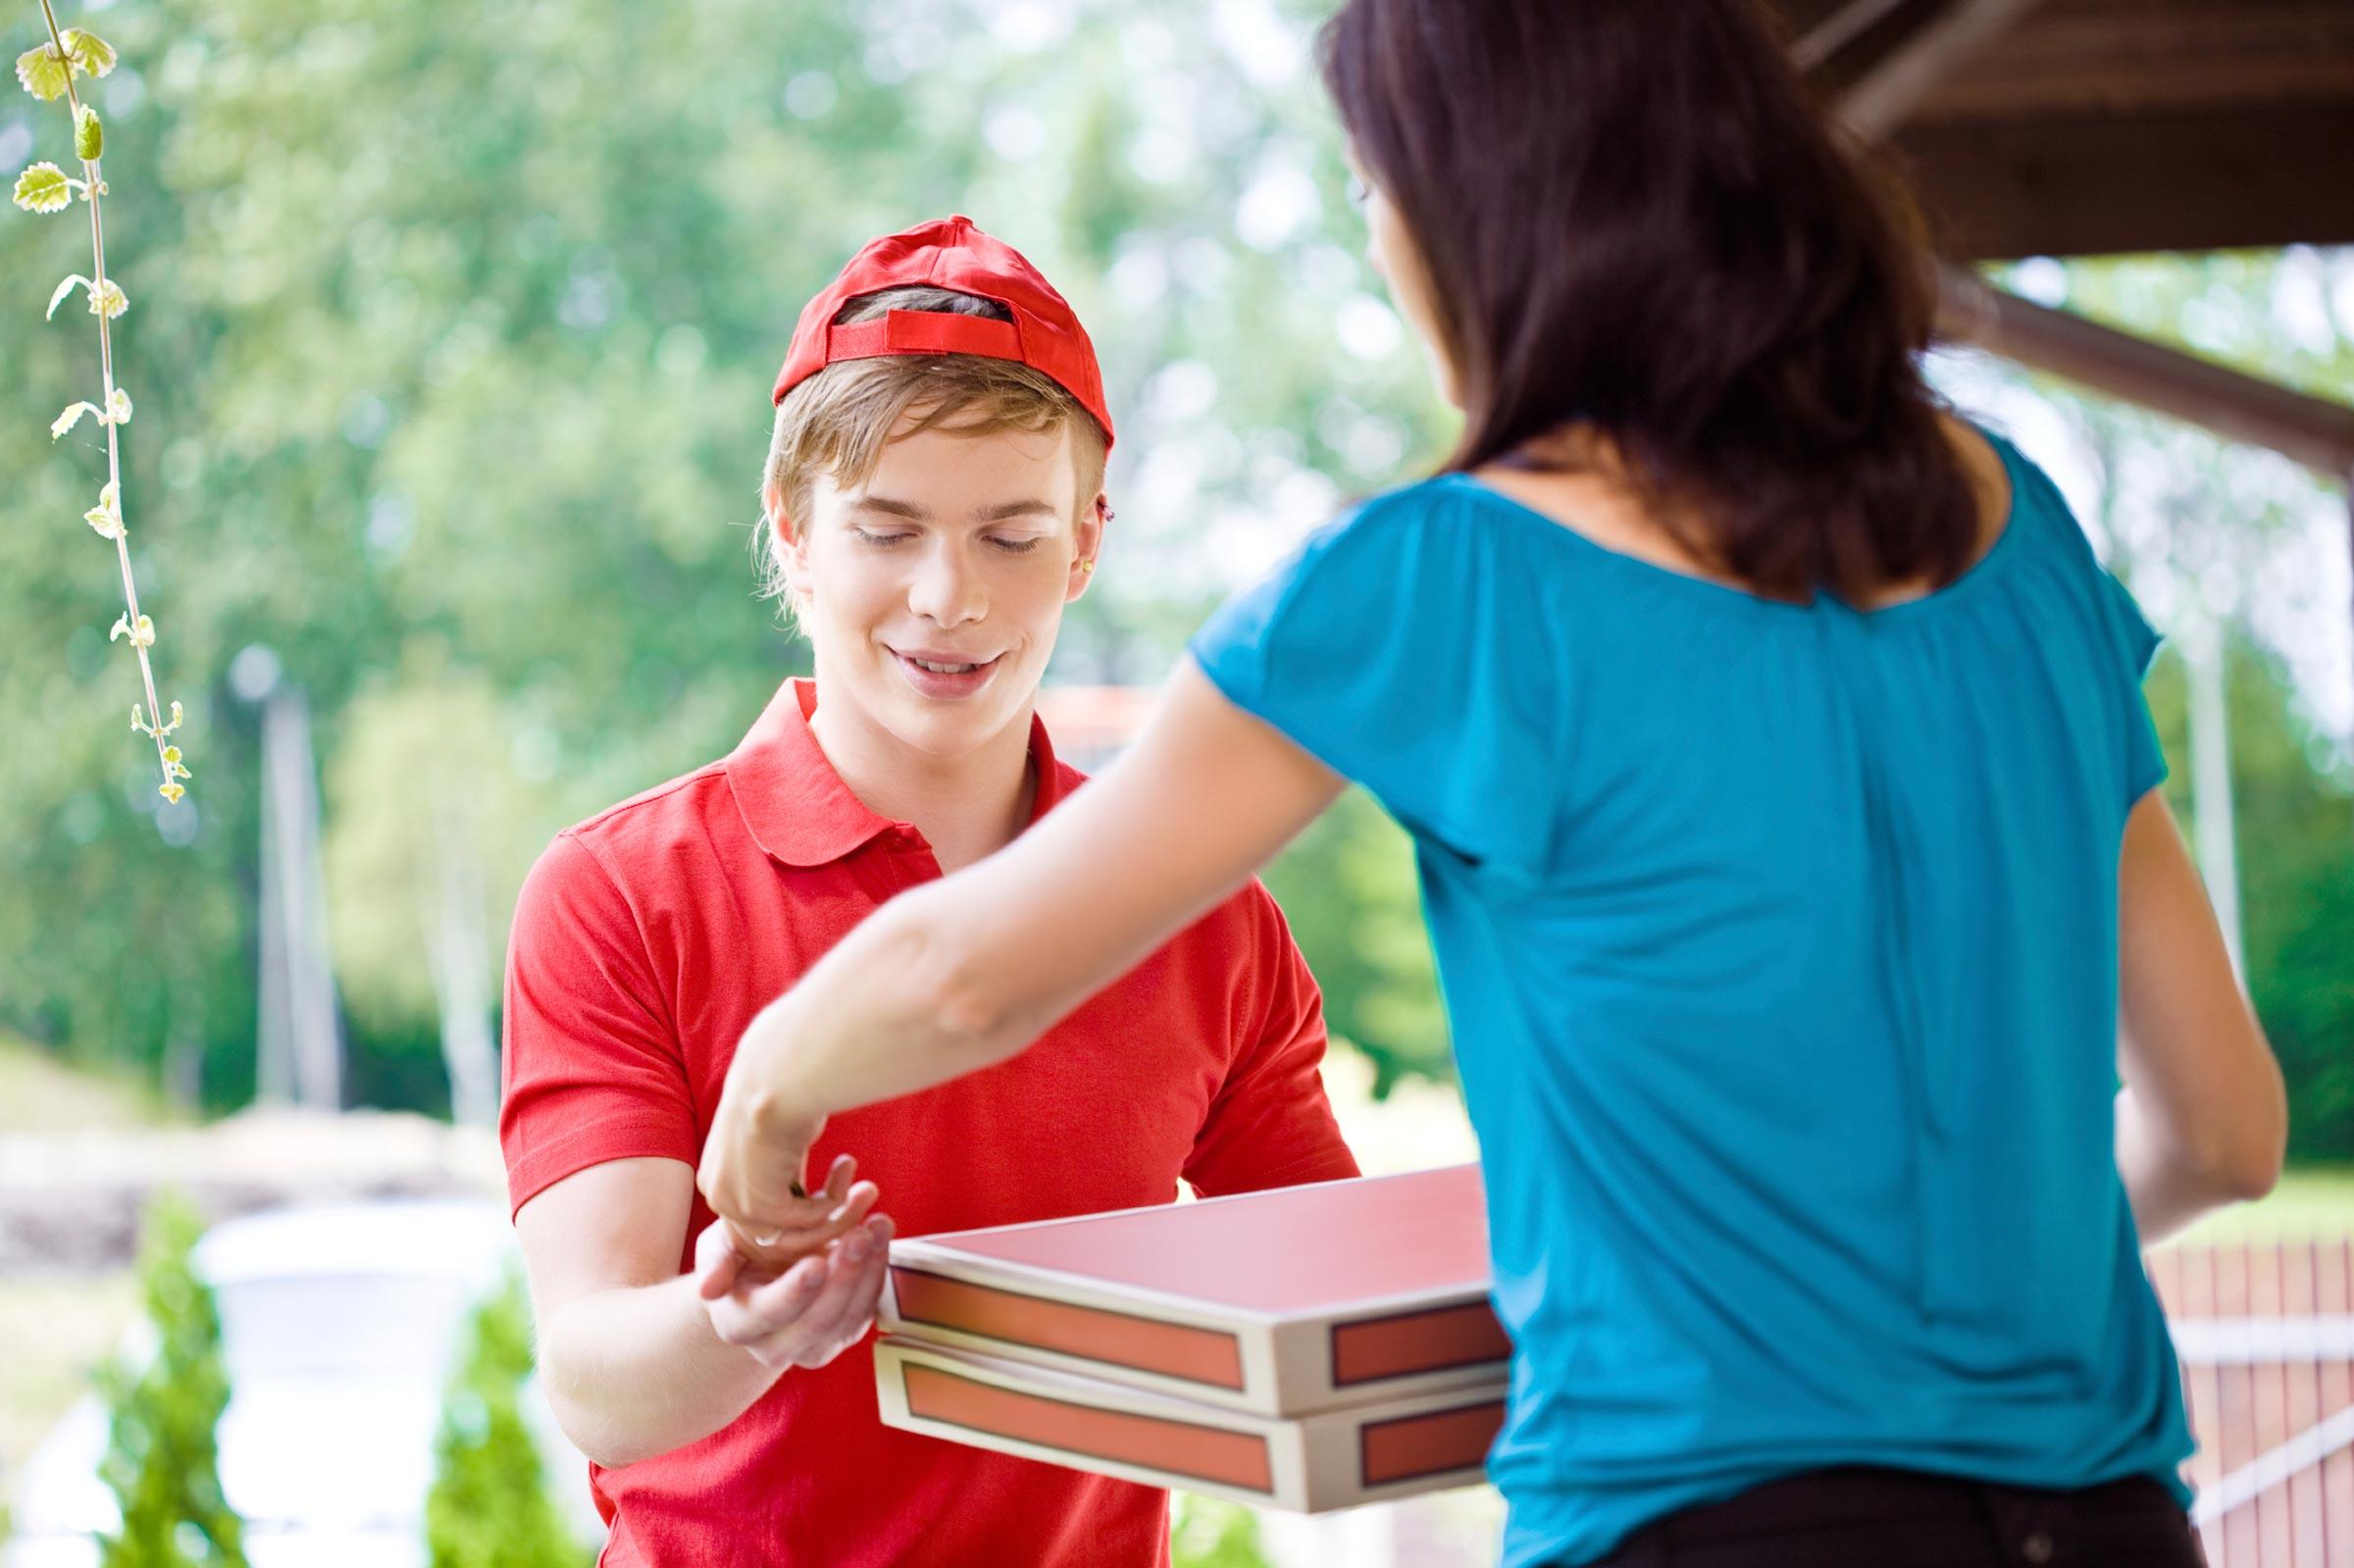 Бизнес по доставке еды: профессиональные тайны удачных предпринимателей